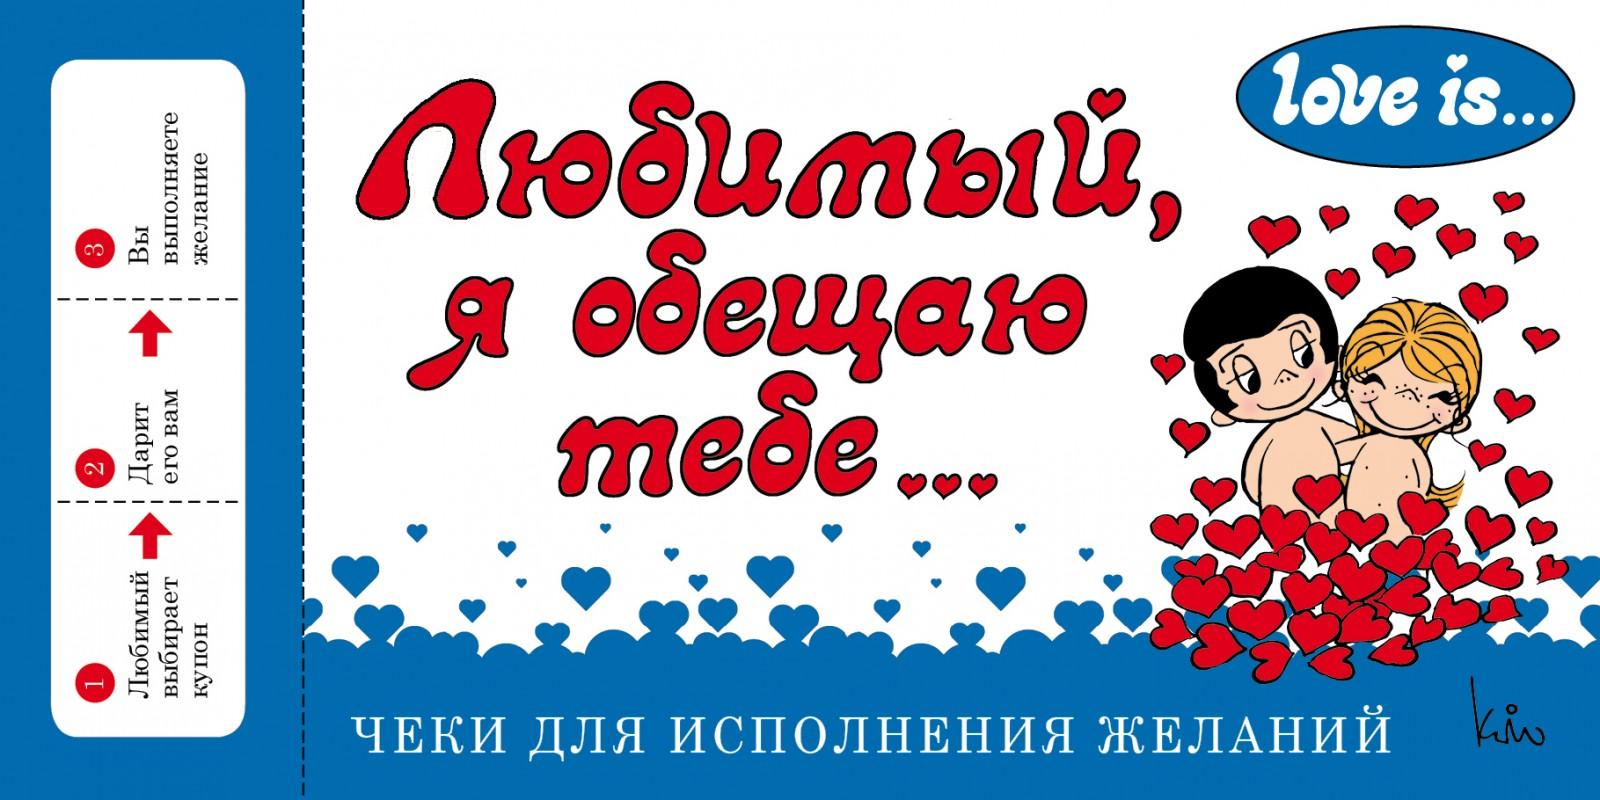 Любовные купоны. Романтическое дополнение к 61